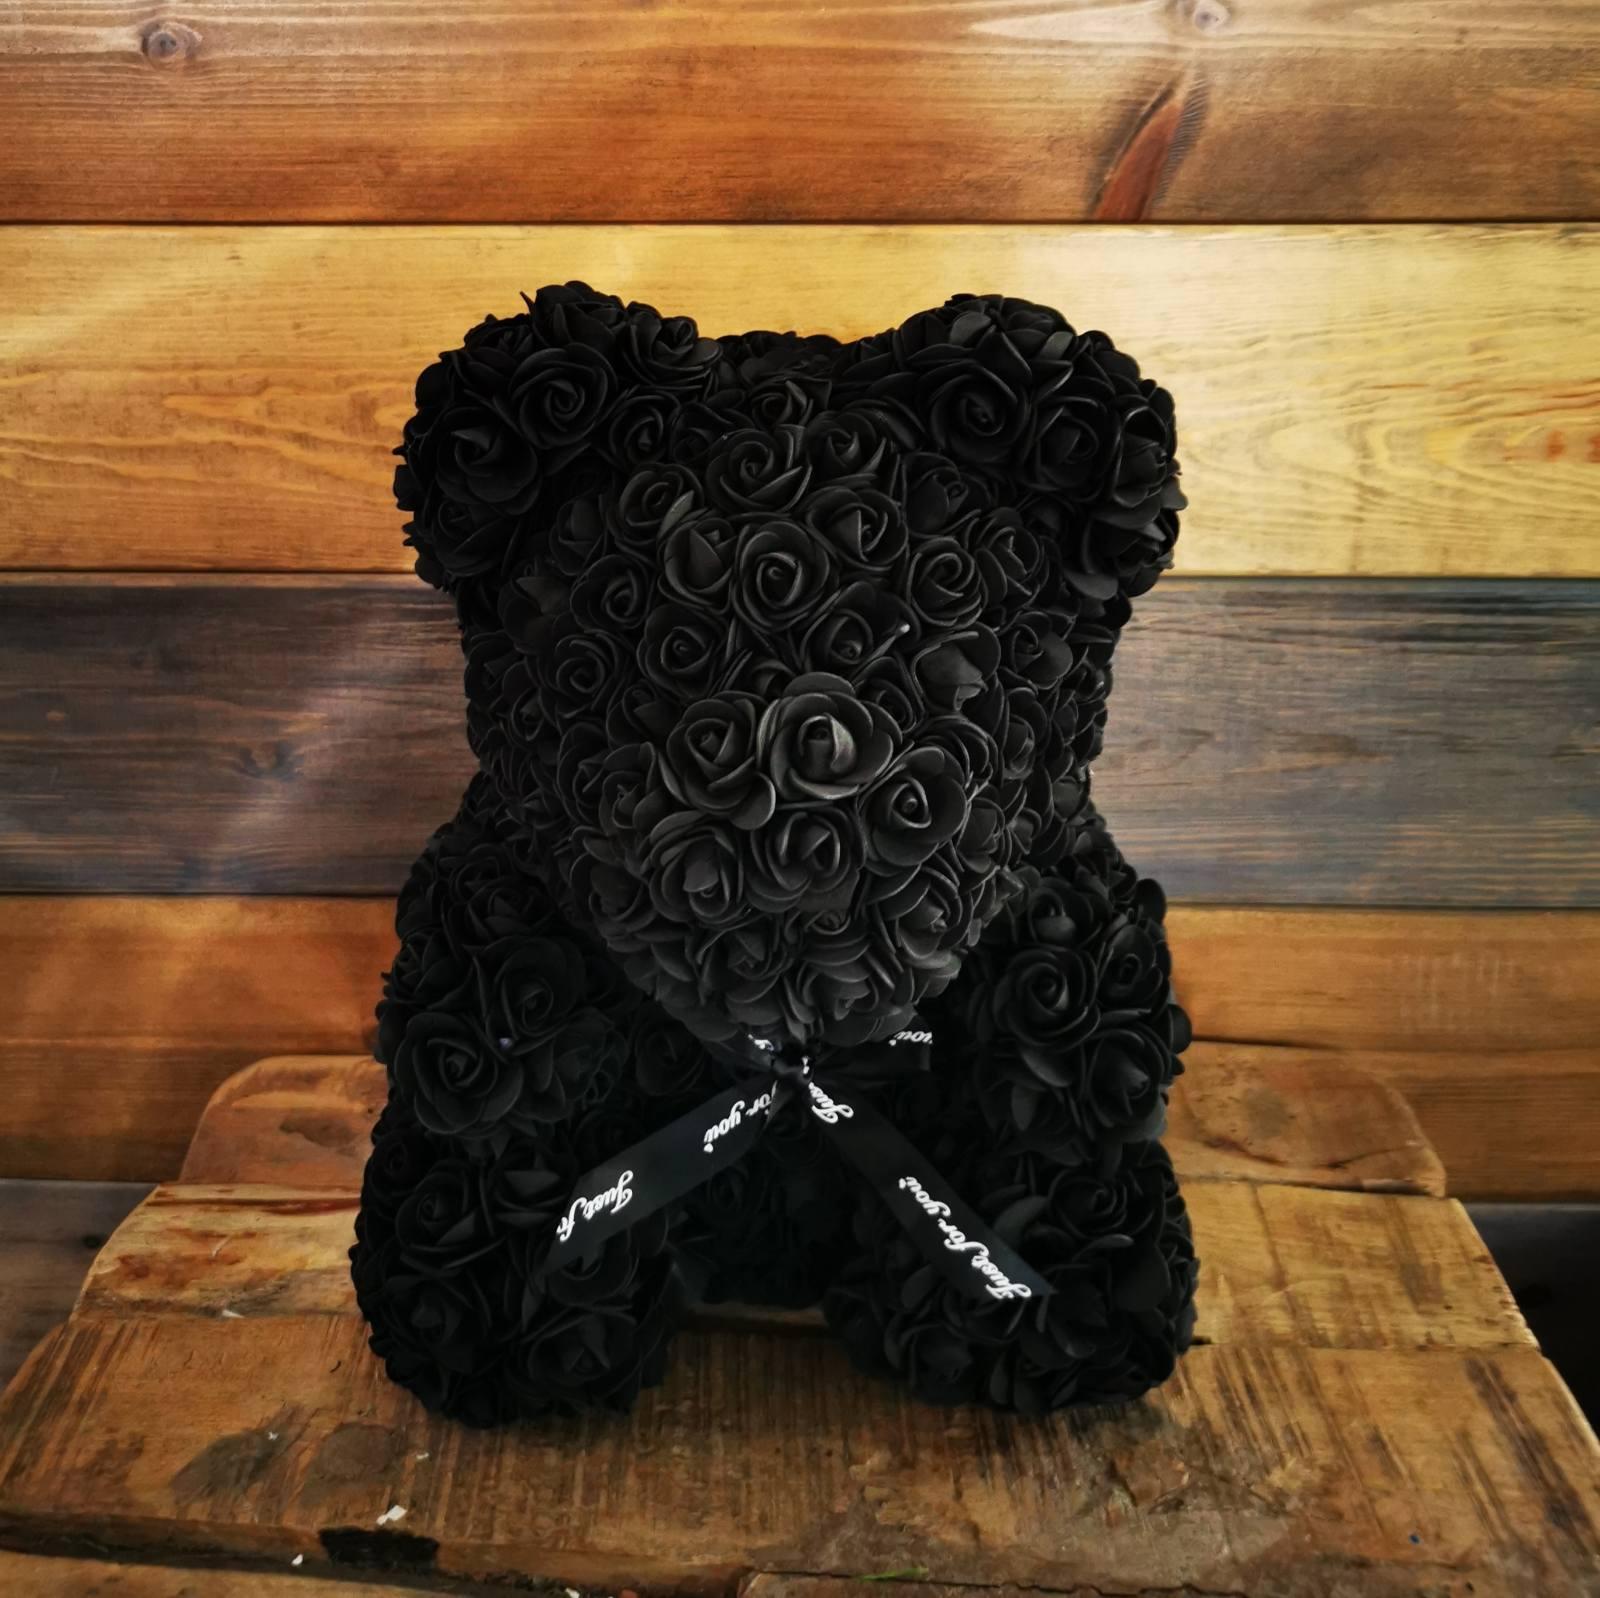 ARTIFICIAL TEDDY BEAR BLACK BIG SIZE